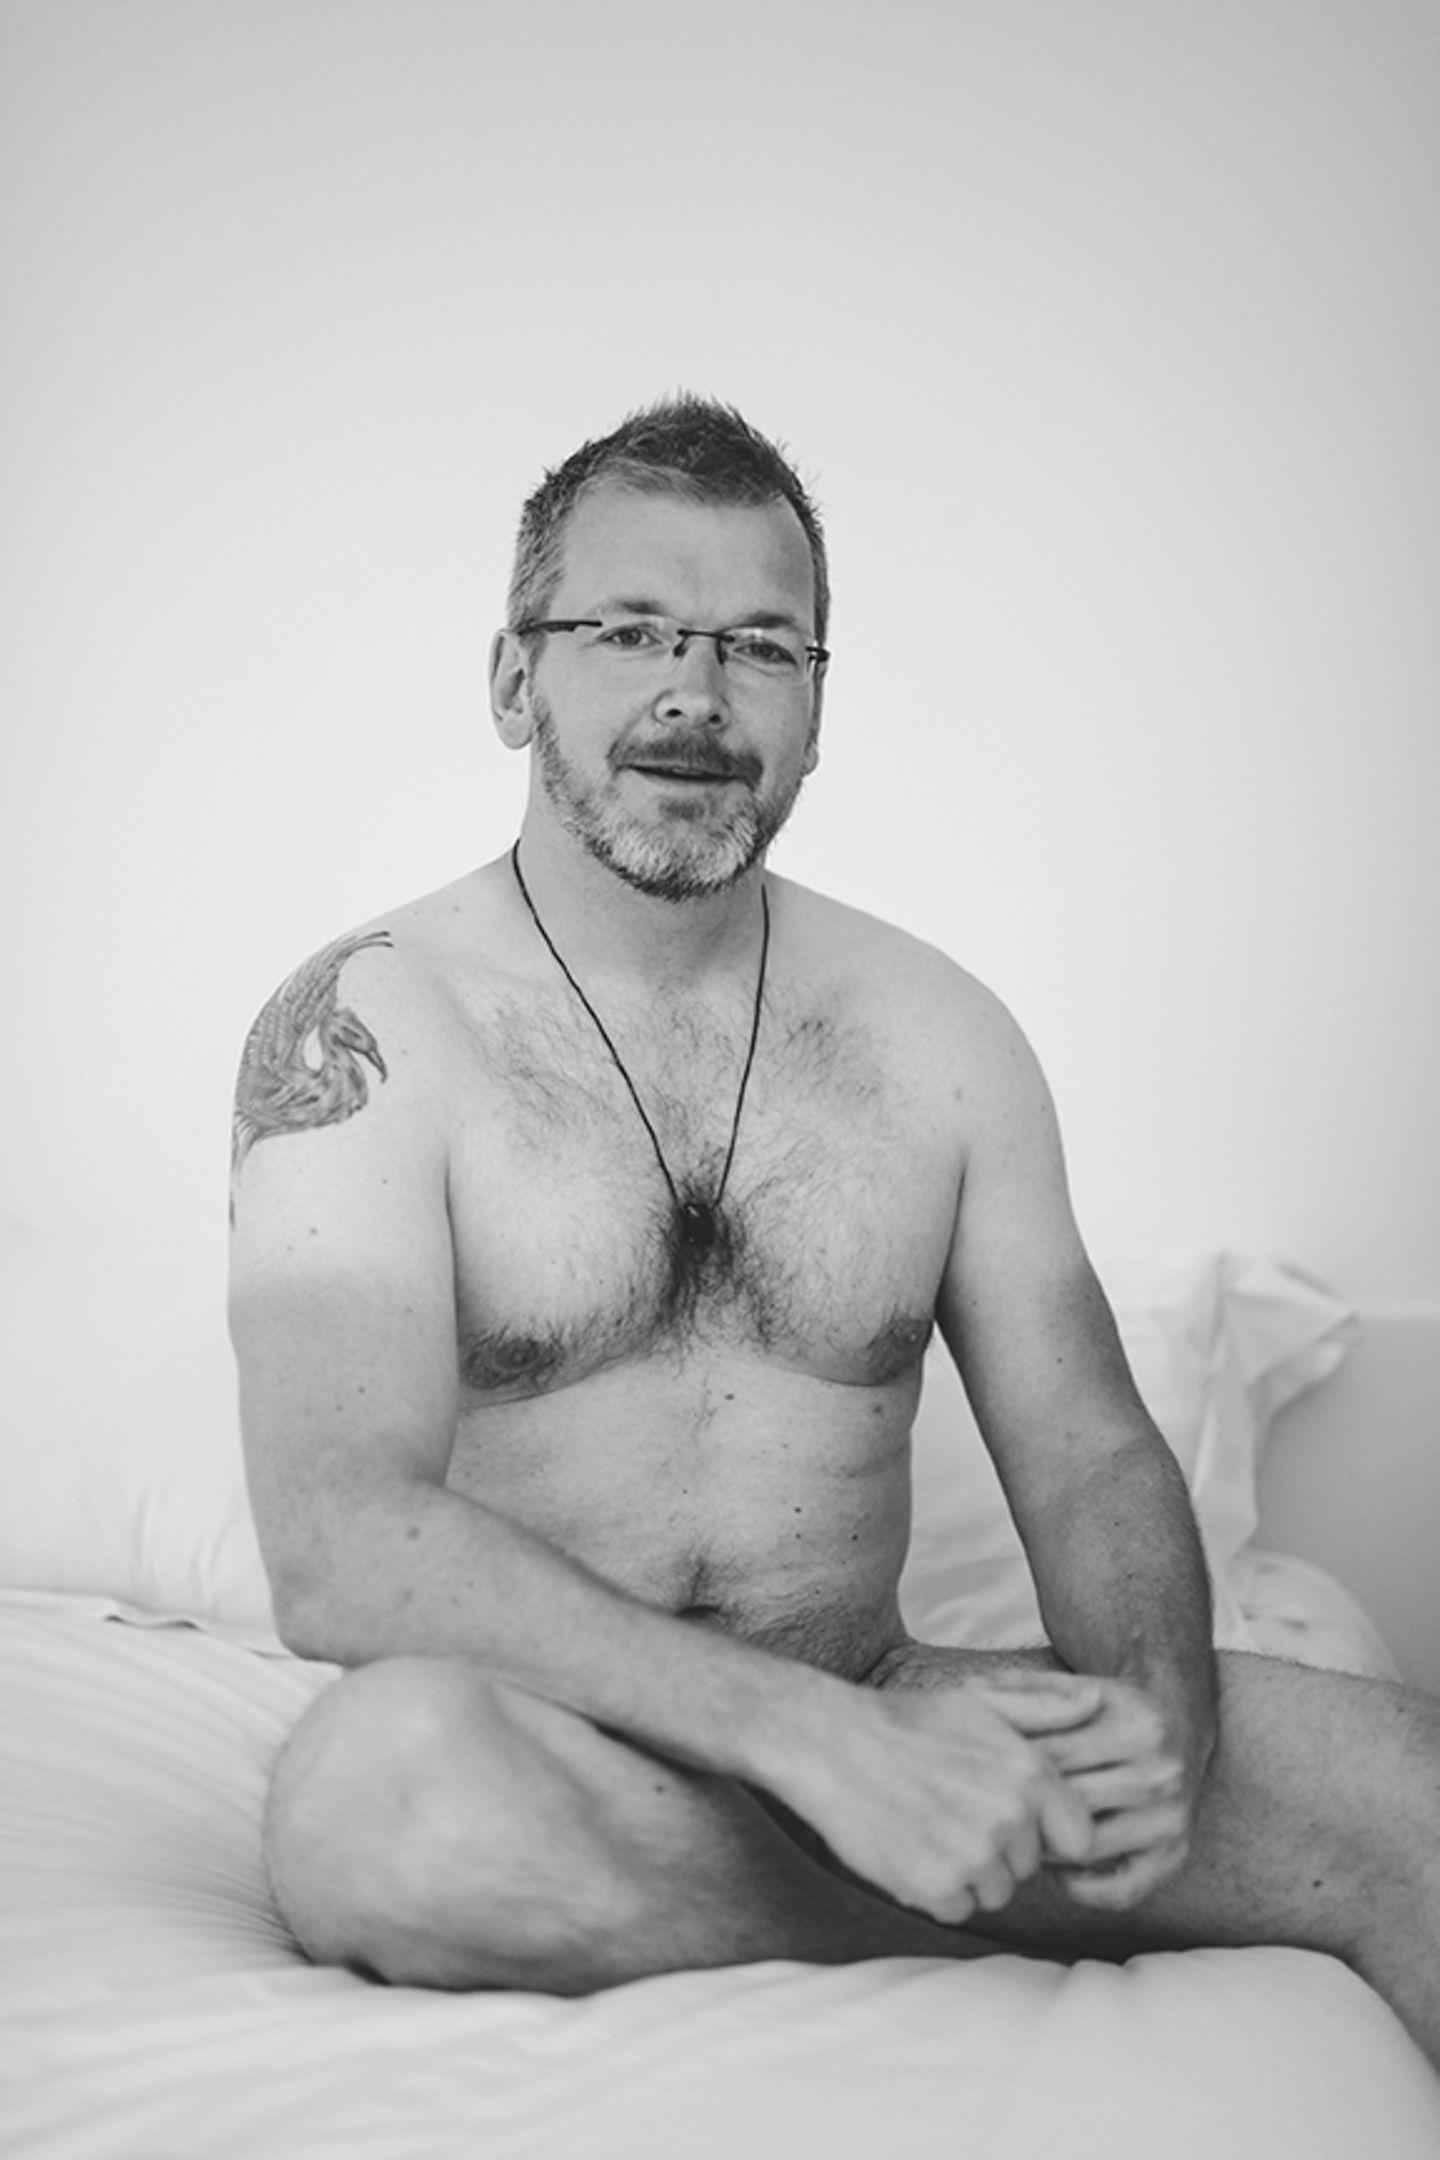 Gegen Body-Shaming: Diese Männer zeigen wie vielfältig